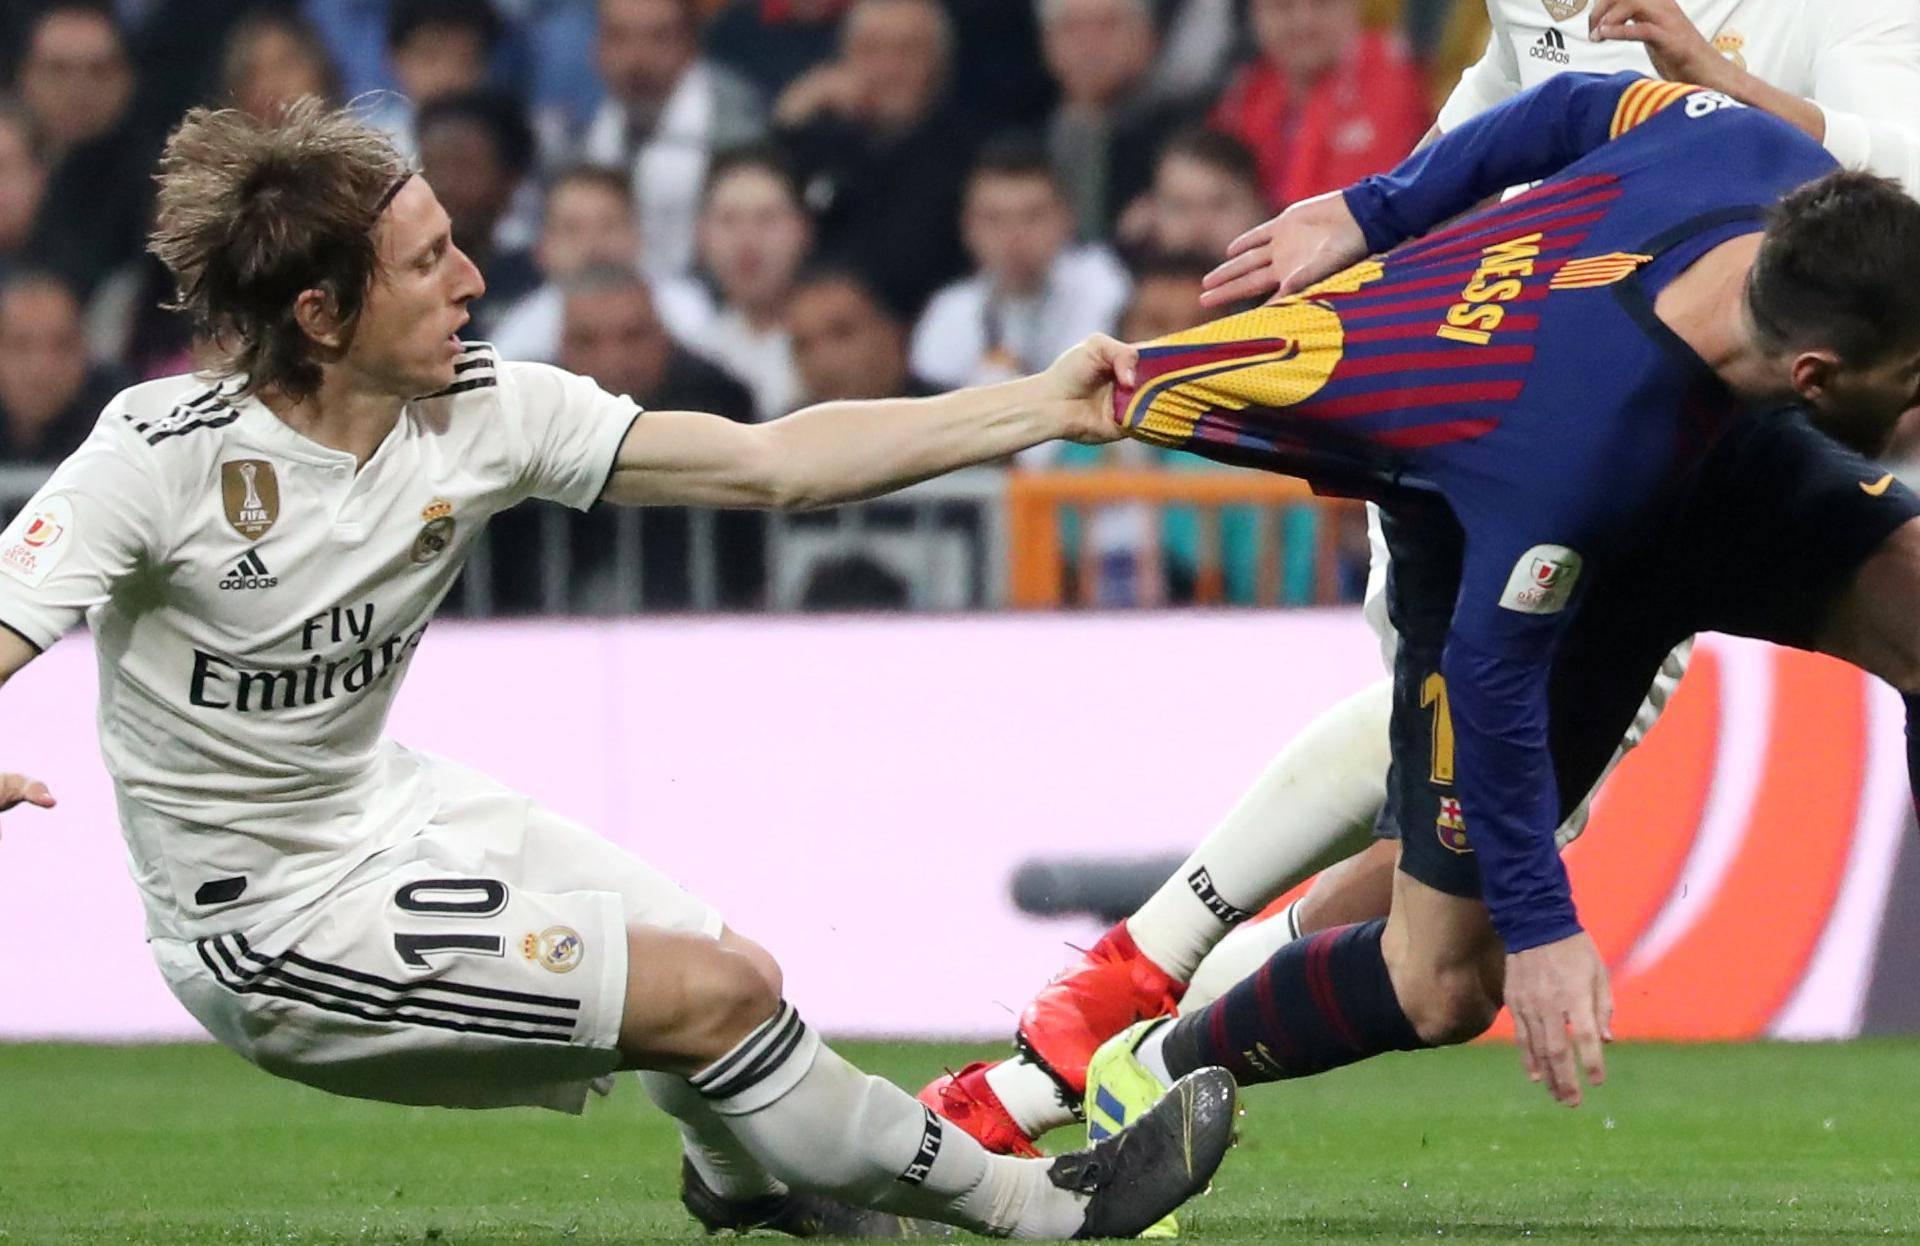 Copa del Rey - Semi Final Second Leg - Real Madrid v FC Barcelona